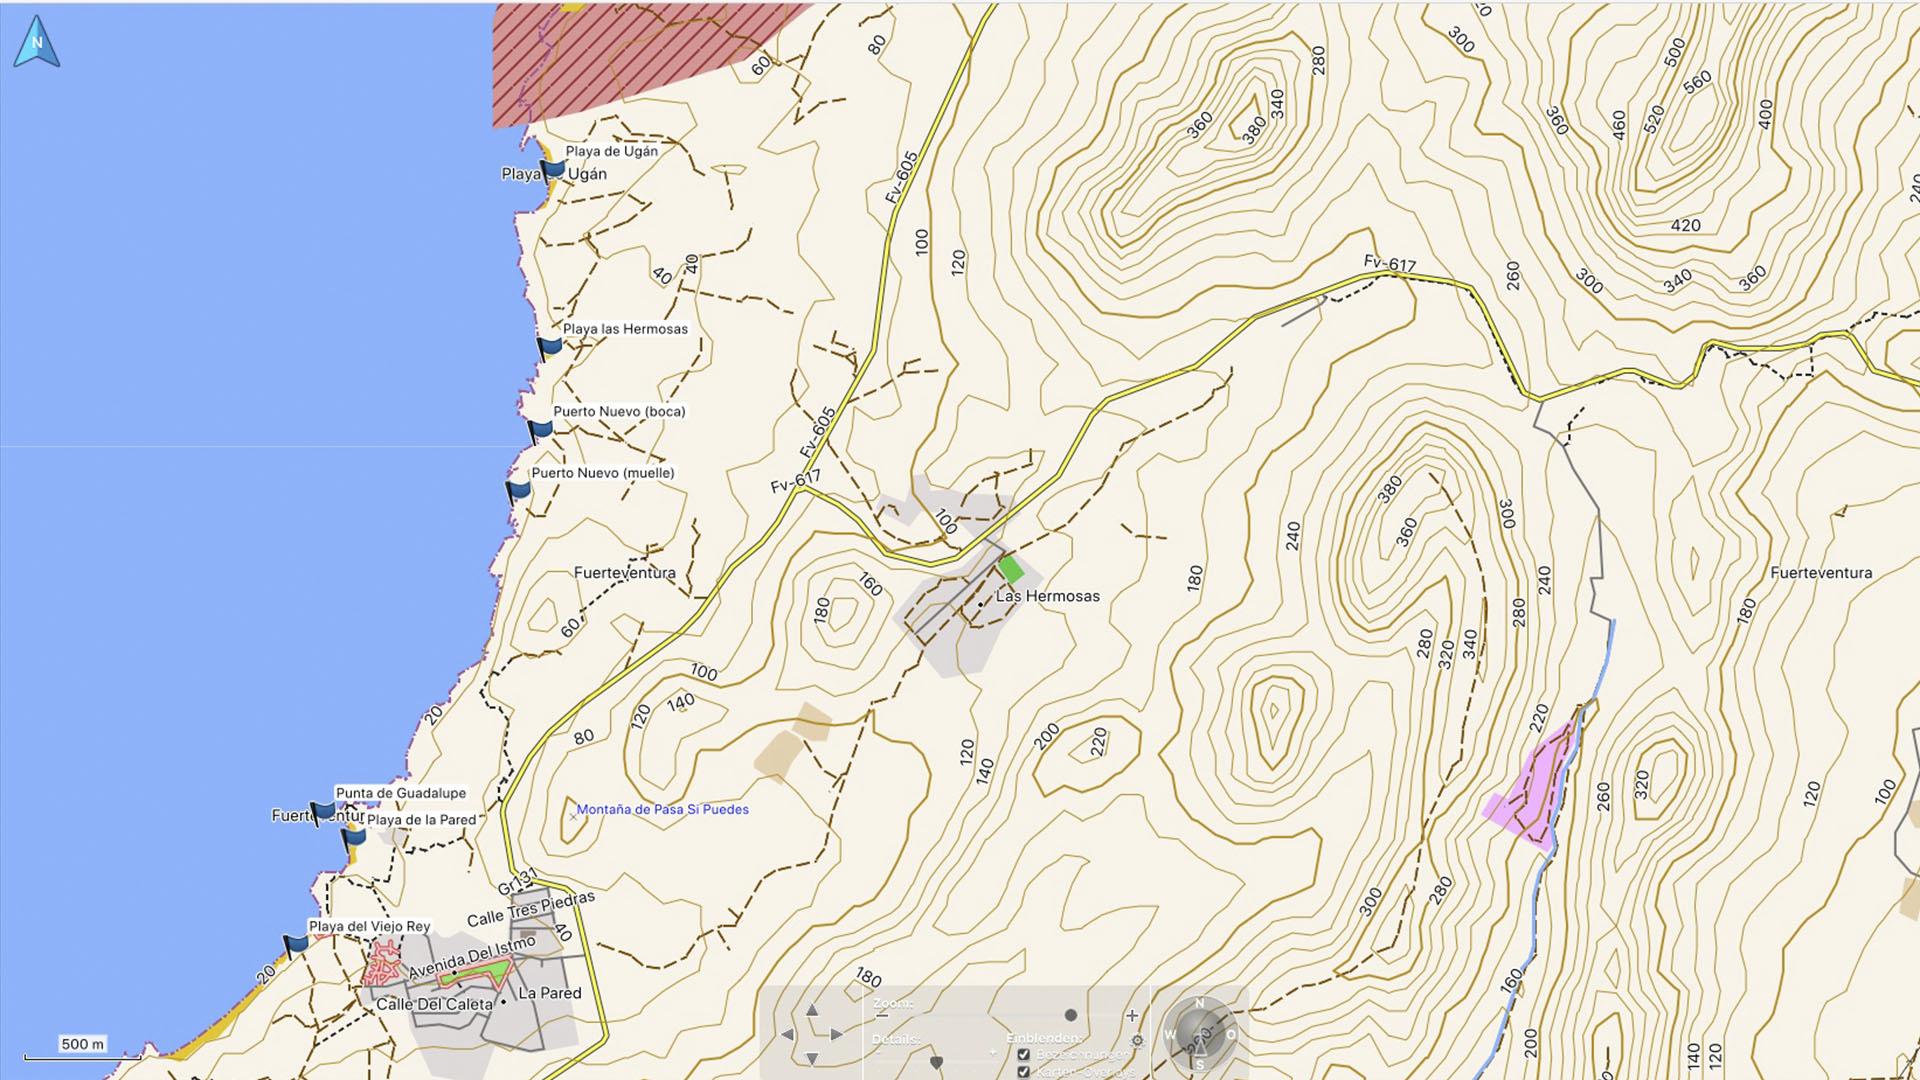 Fuerteventura Karte der Straende: Die Strände von La Pared.